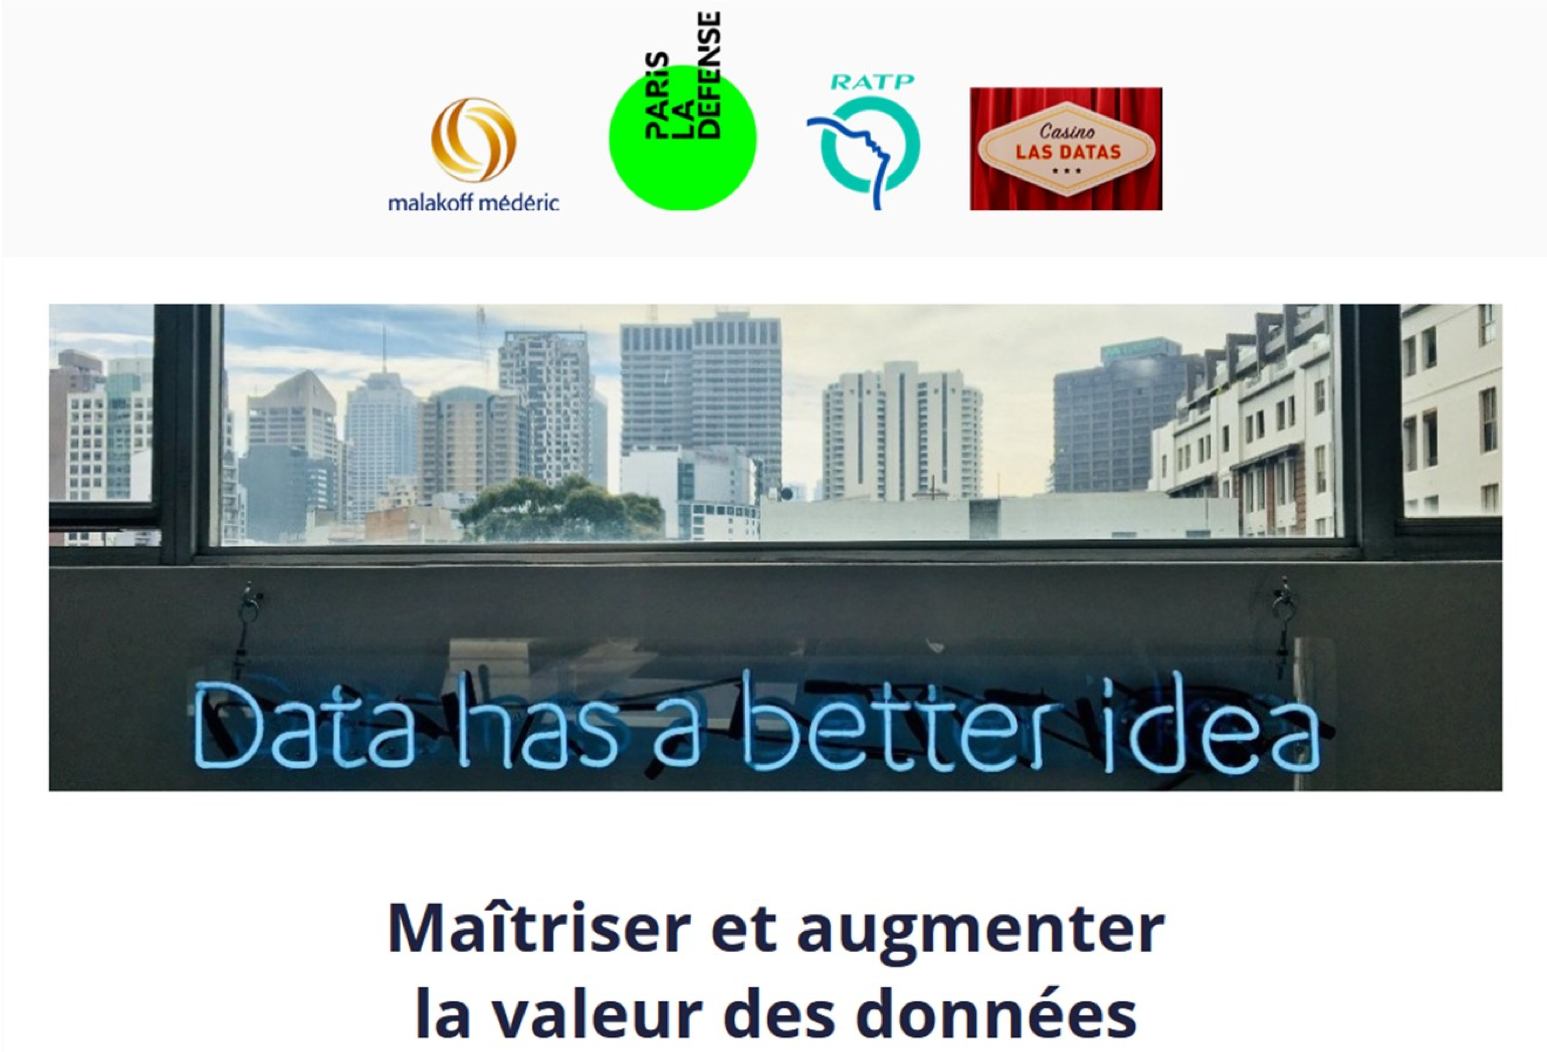 #GoldenData <br> La voie pour augmenter la valeur des données